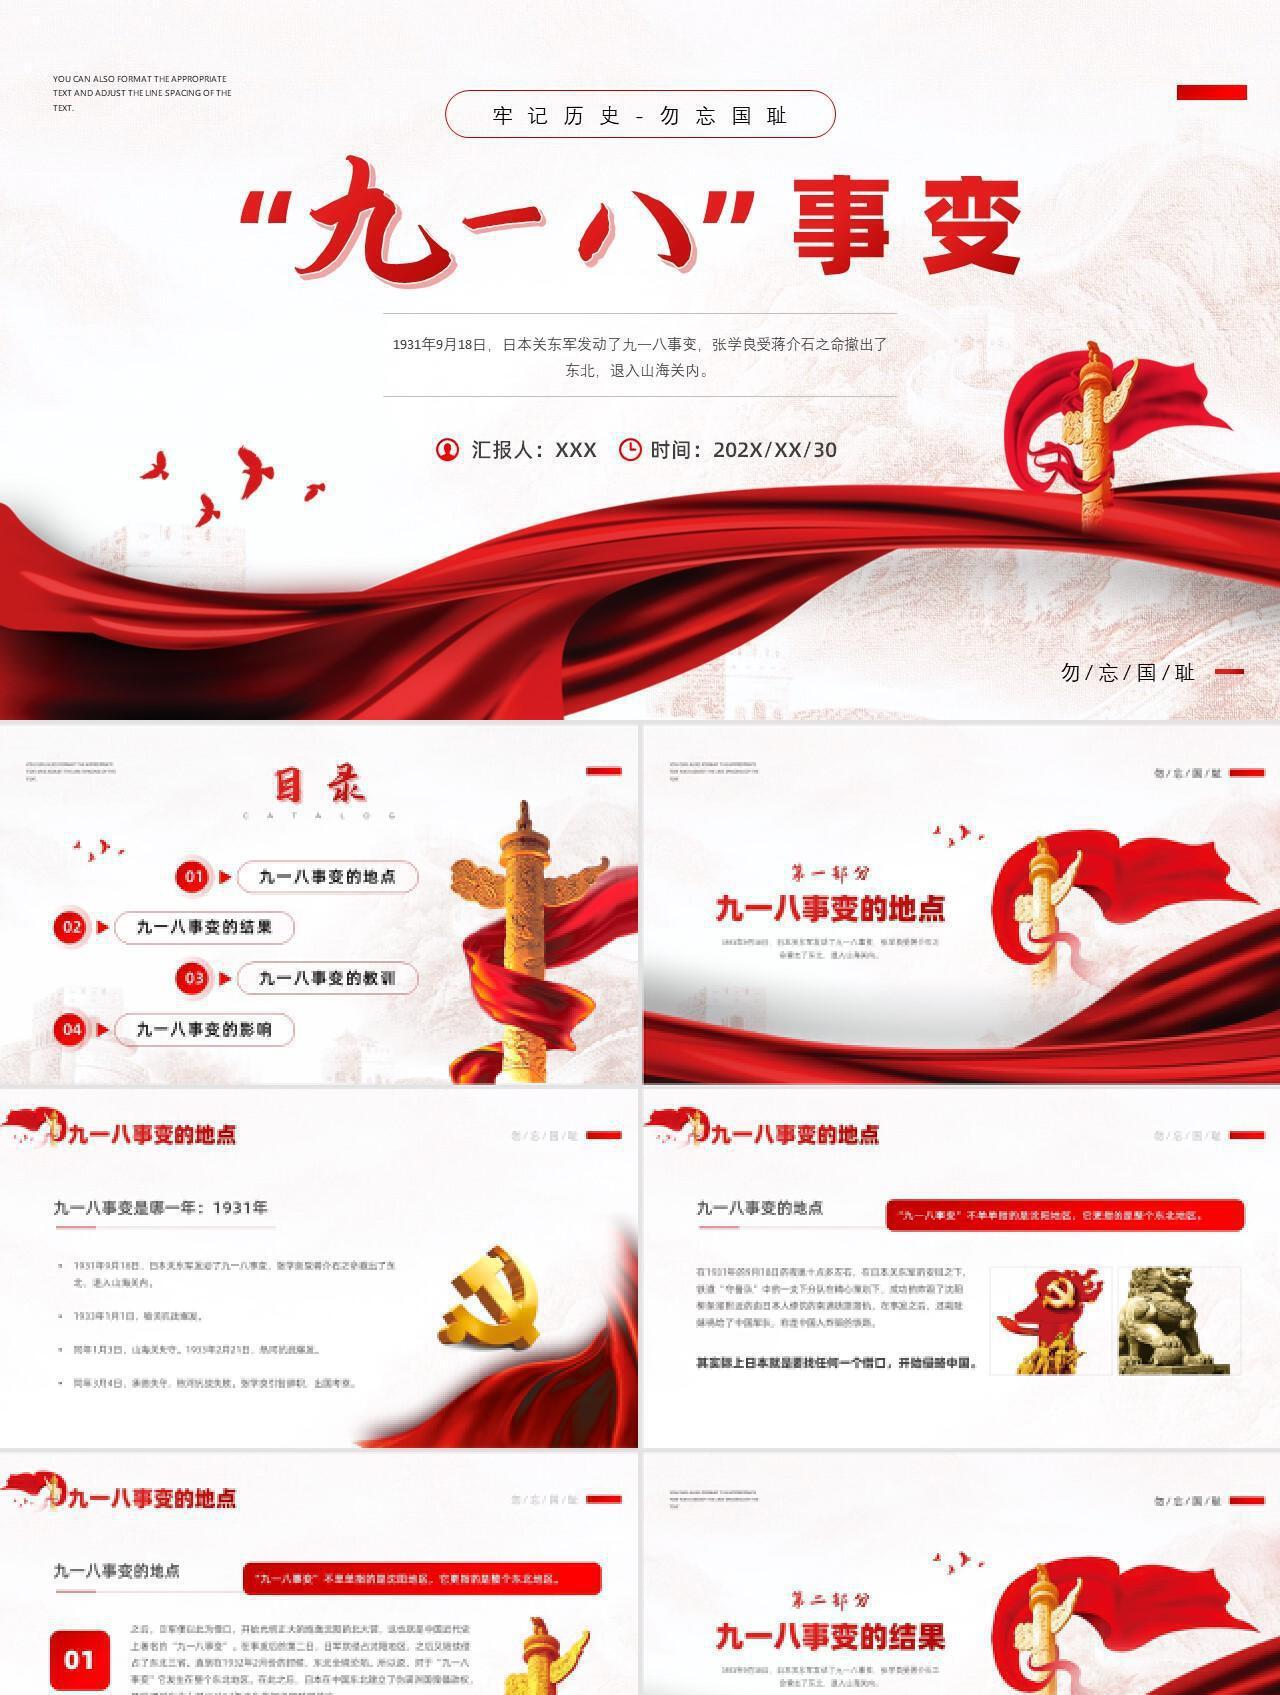 红色简约党政风格纪念九一八事变纪念日PPT模板